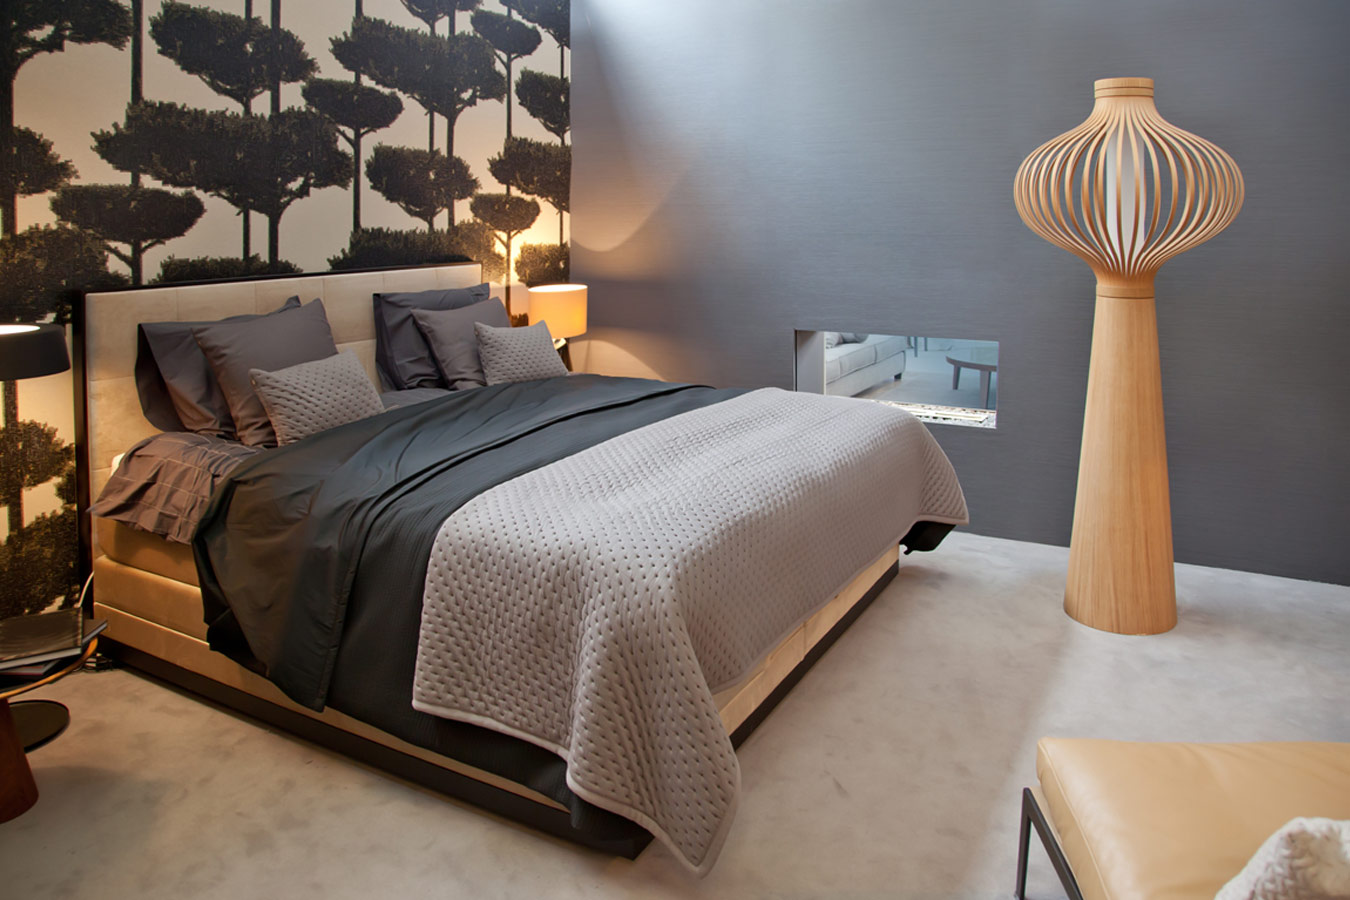 Landelijke slaapkamer ideeën inspiratie